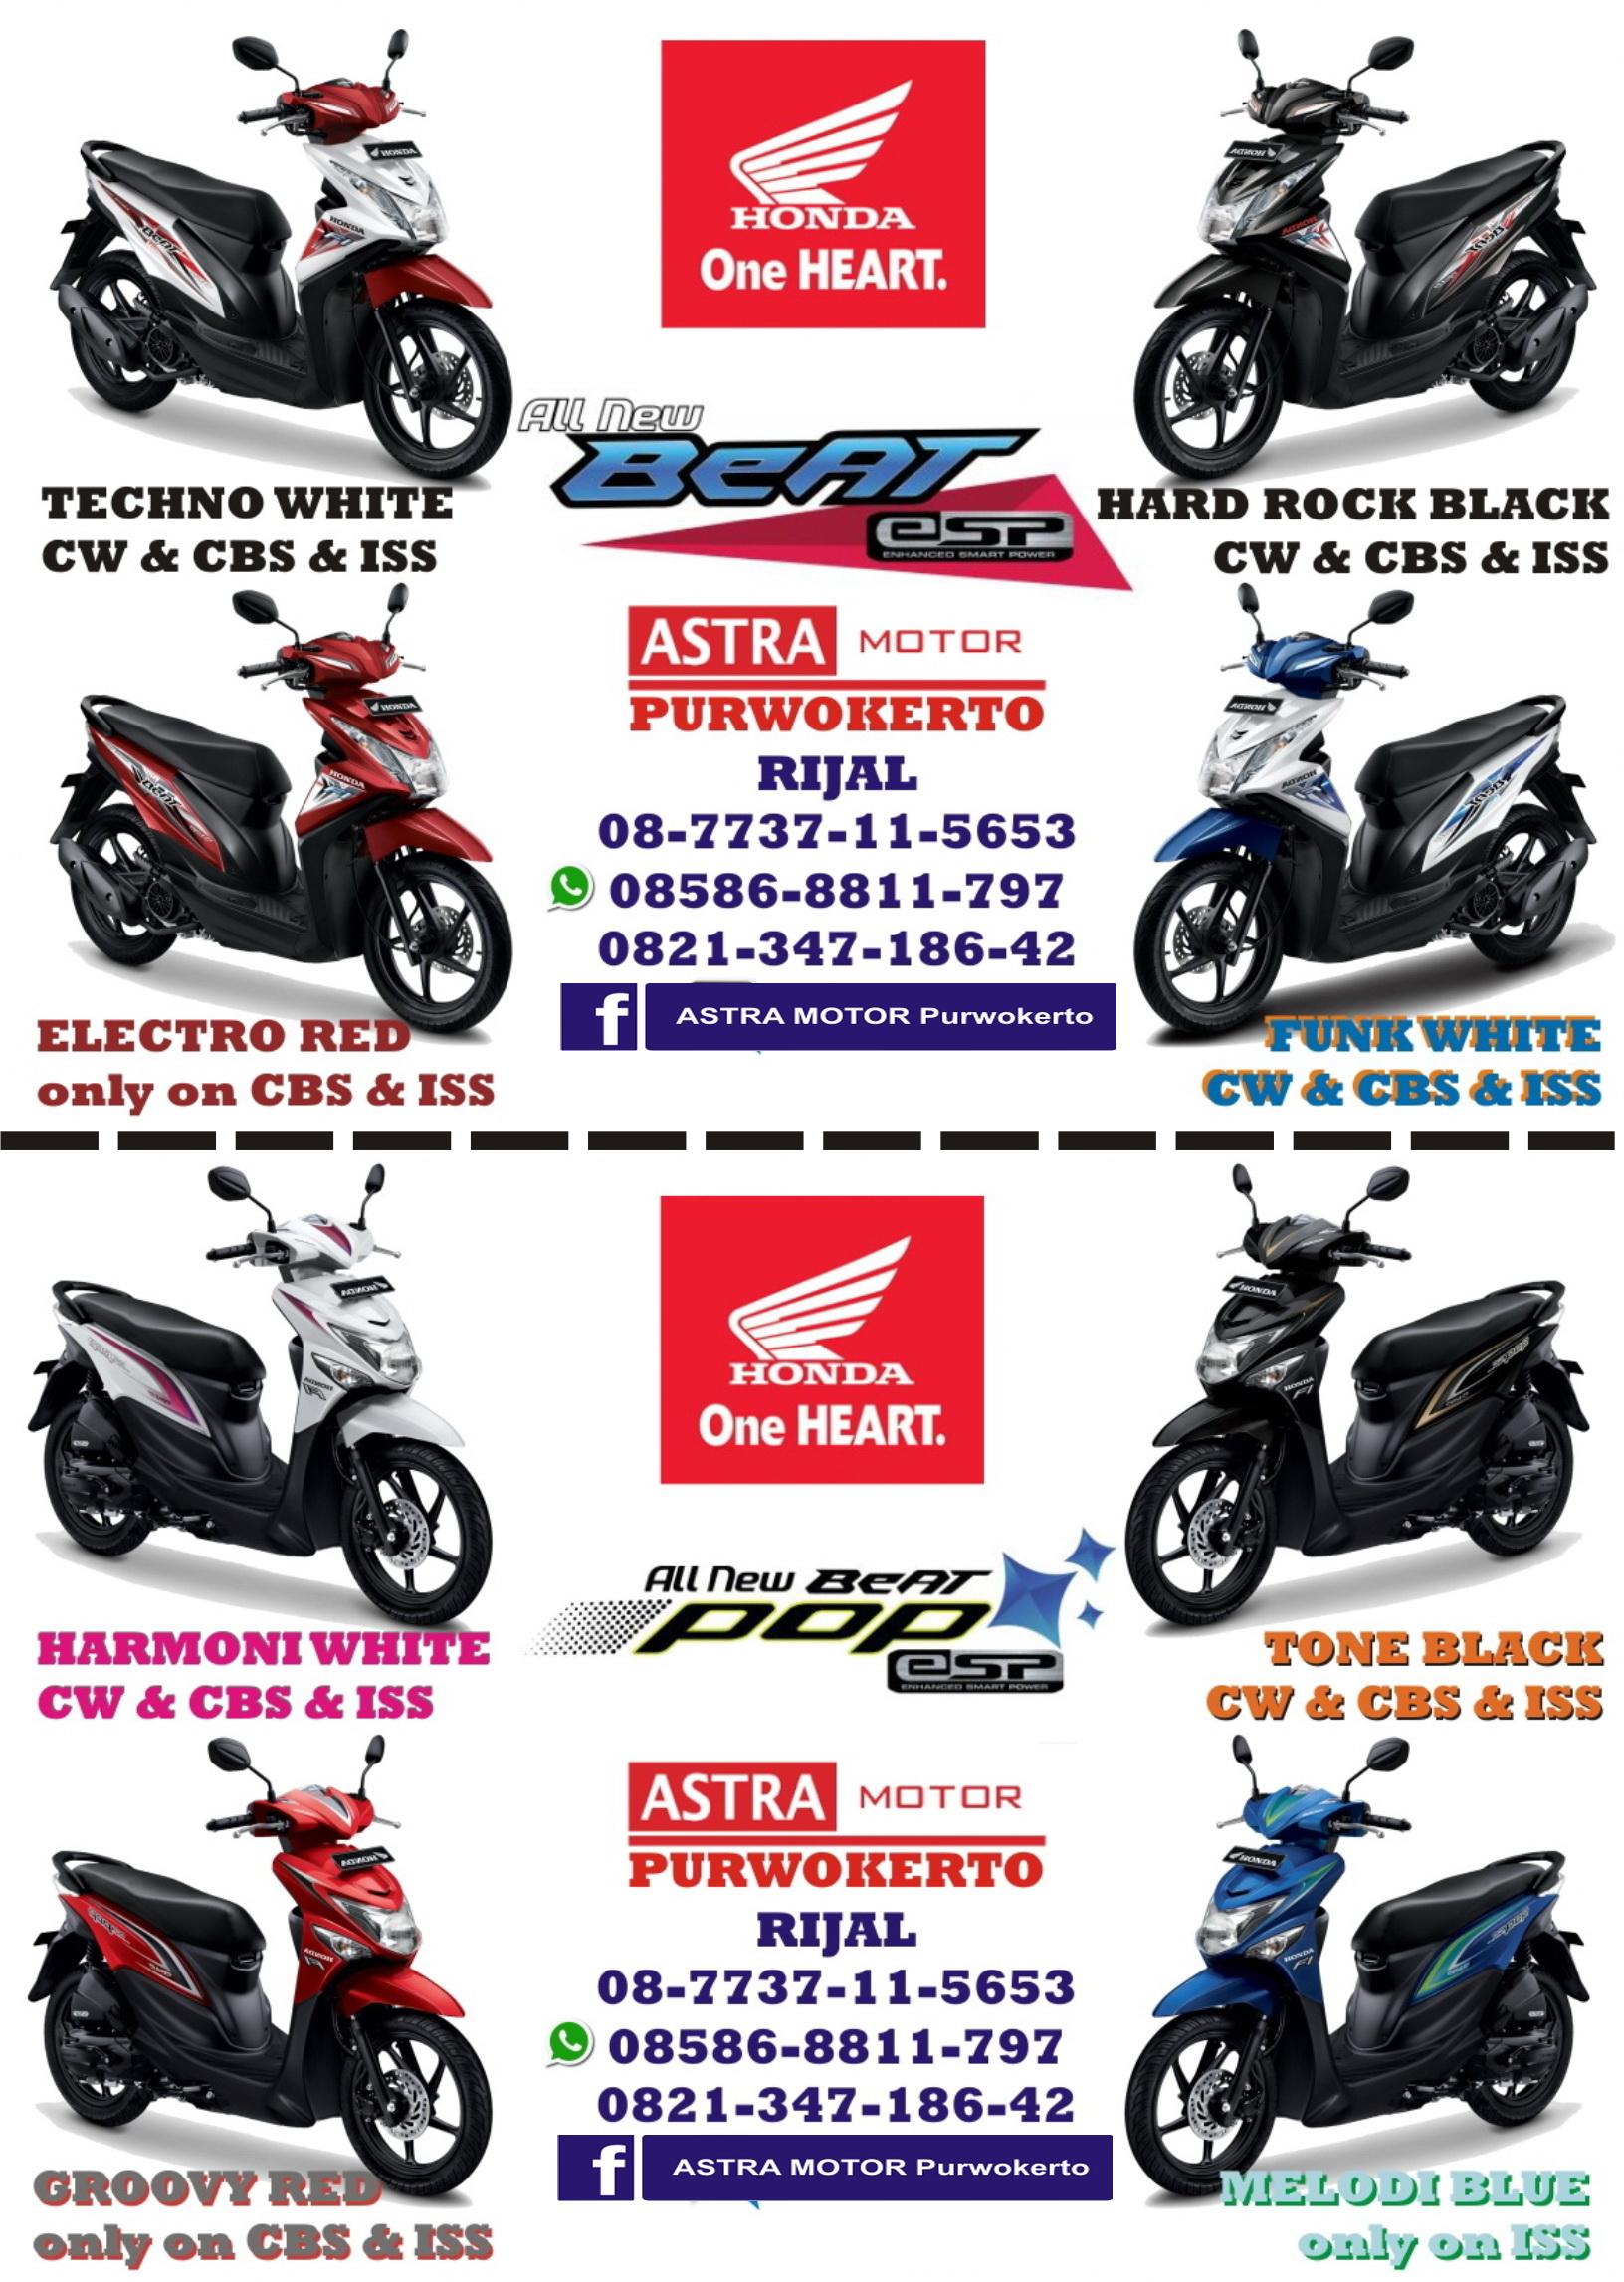 Info Lowongan Cikarang Info Kawasan Industri Kawasan Industri Jababeka Cikarang 1632 X 2293 Jpeg 877kb Motor All New Honda Beat Esp Sporty Dan All